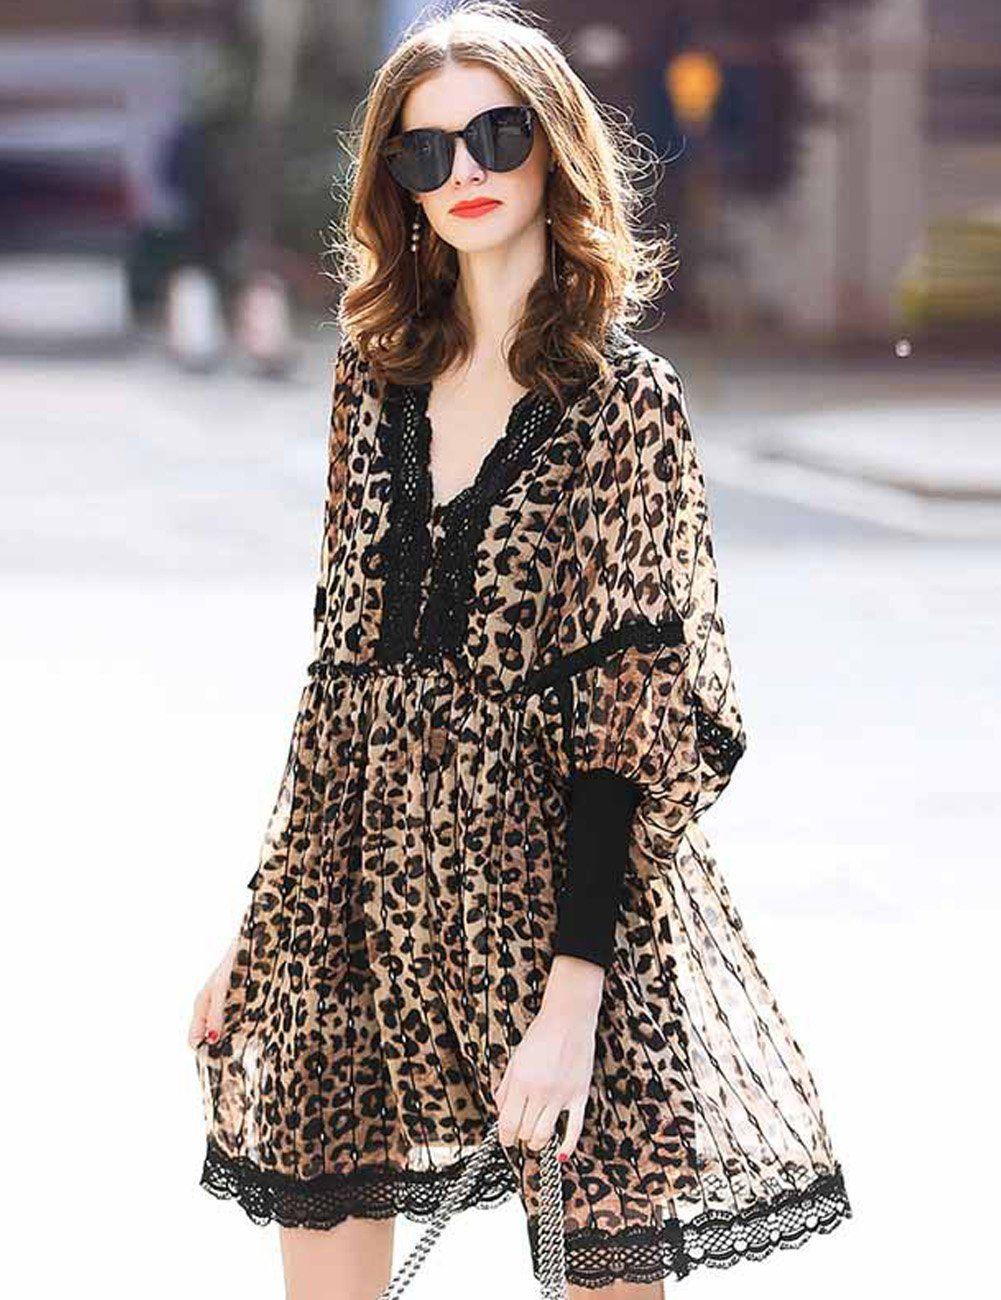 Pin On Ladywearing Fashion [ 1300 x 1001 Pixel ]